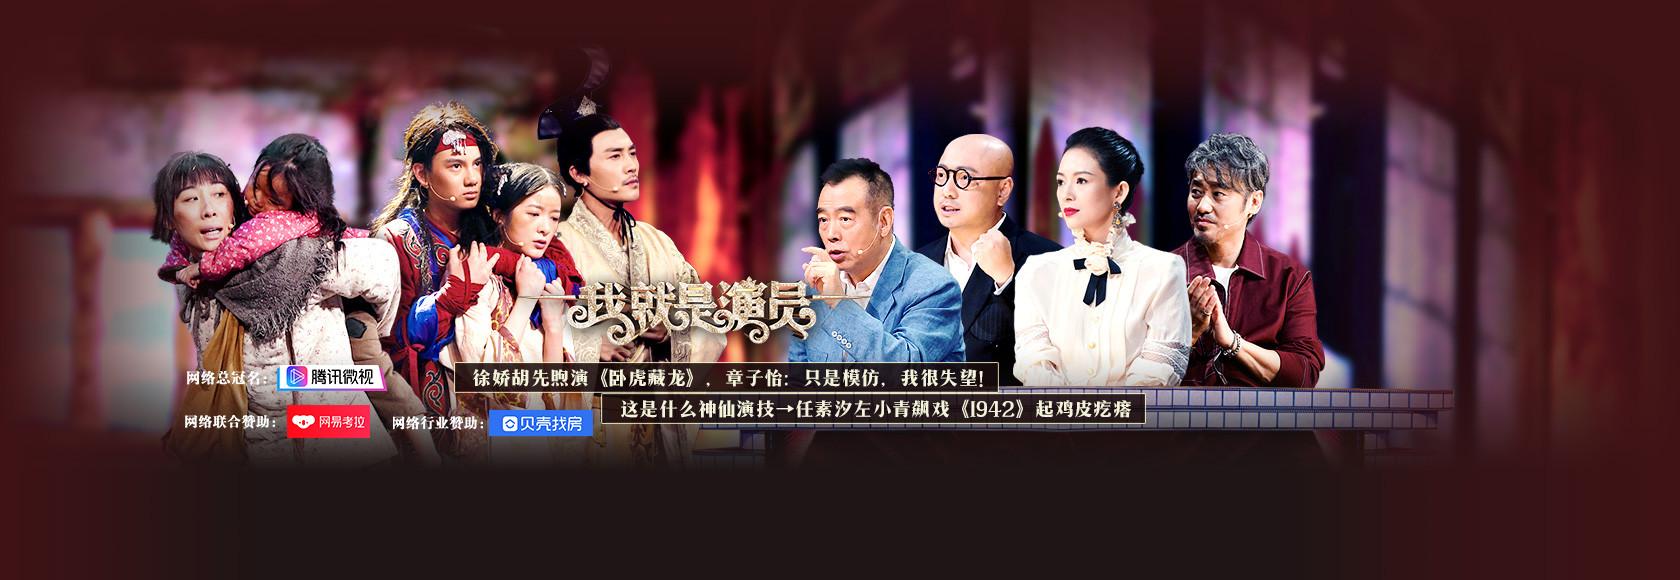 2019热门综艺视频,真人秀,在线直播